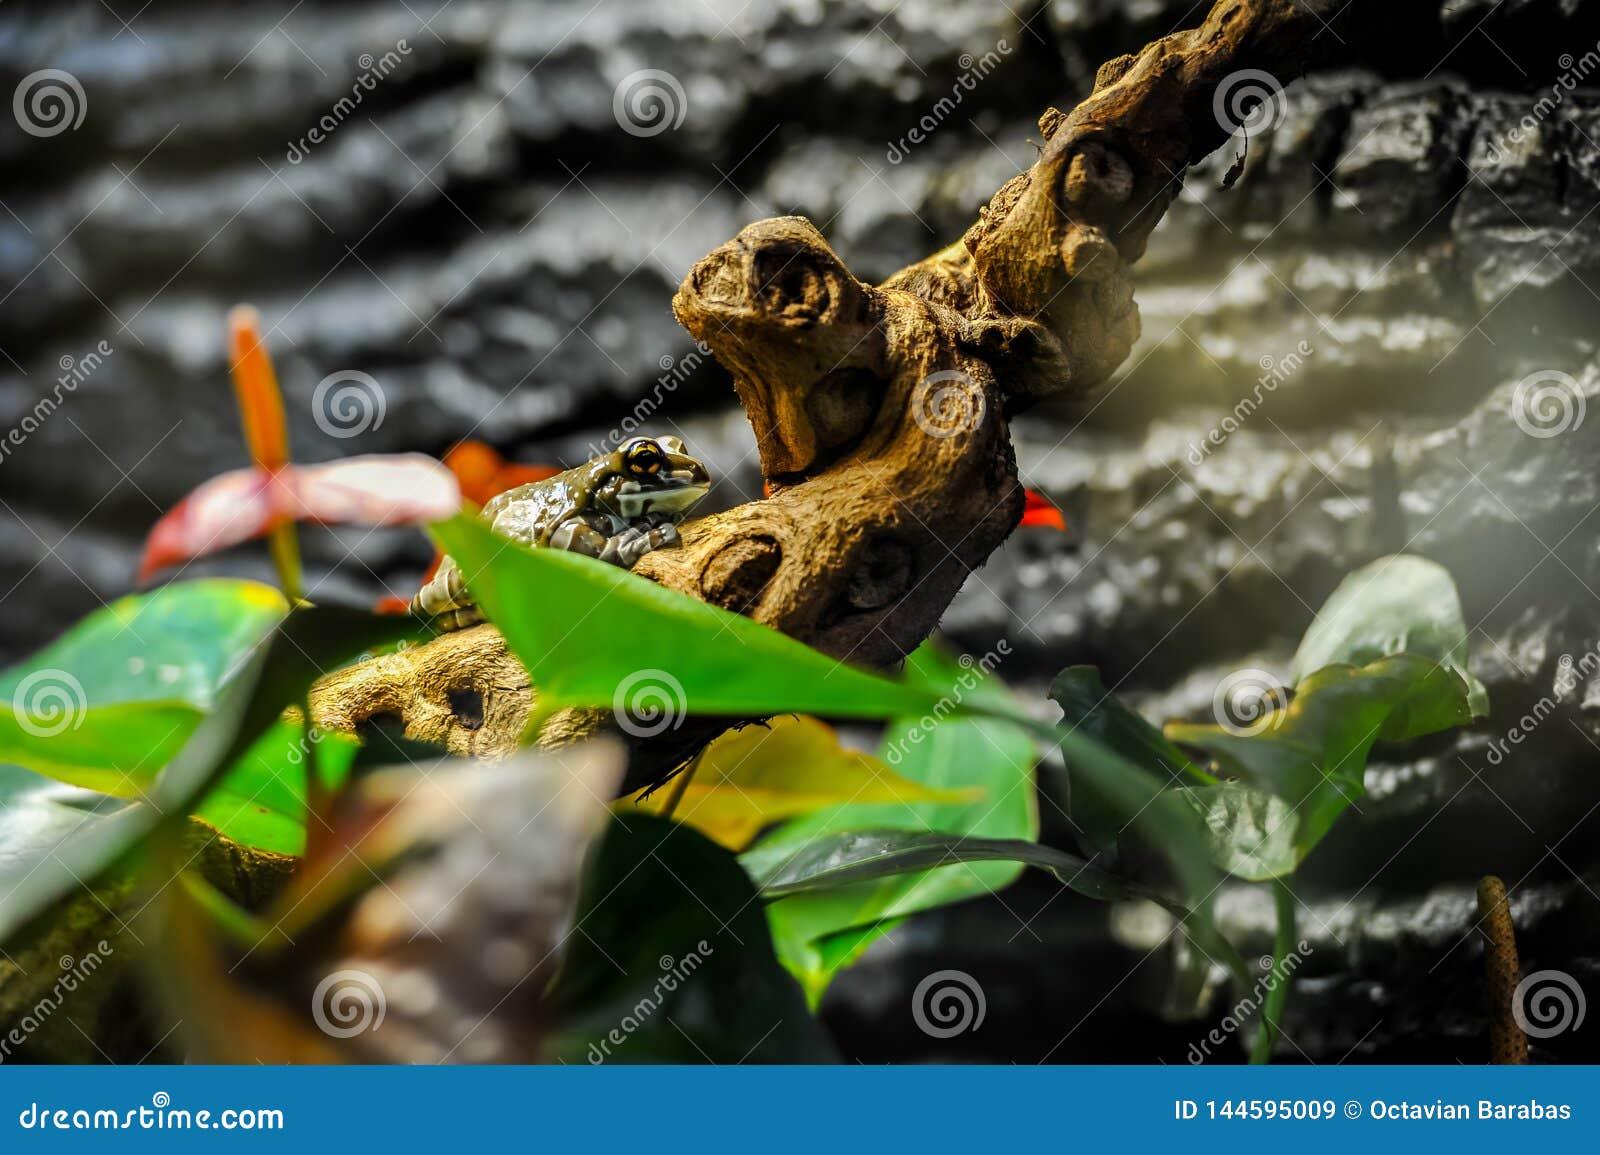 Exotischer Frosch auf Baumast mit grünen Blättern und Blumen